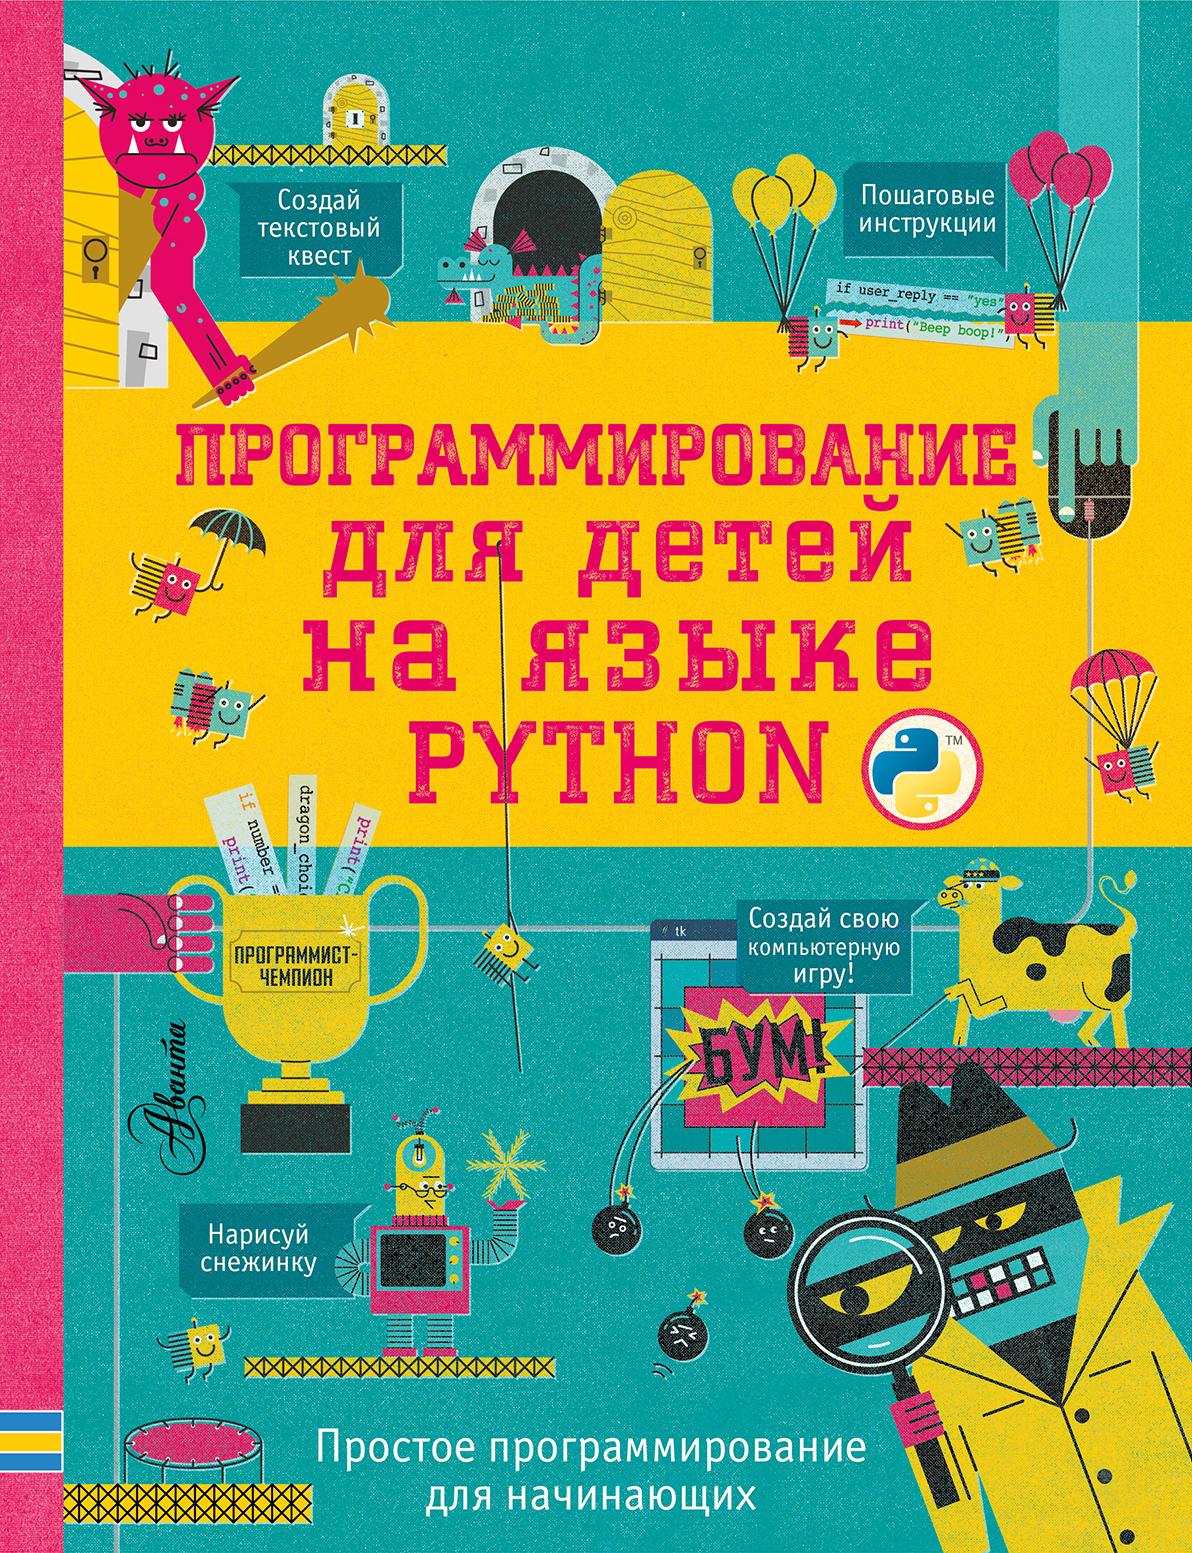 Программирование для детей на языке Python от book24.ru